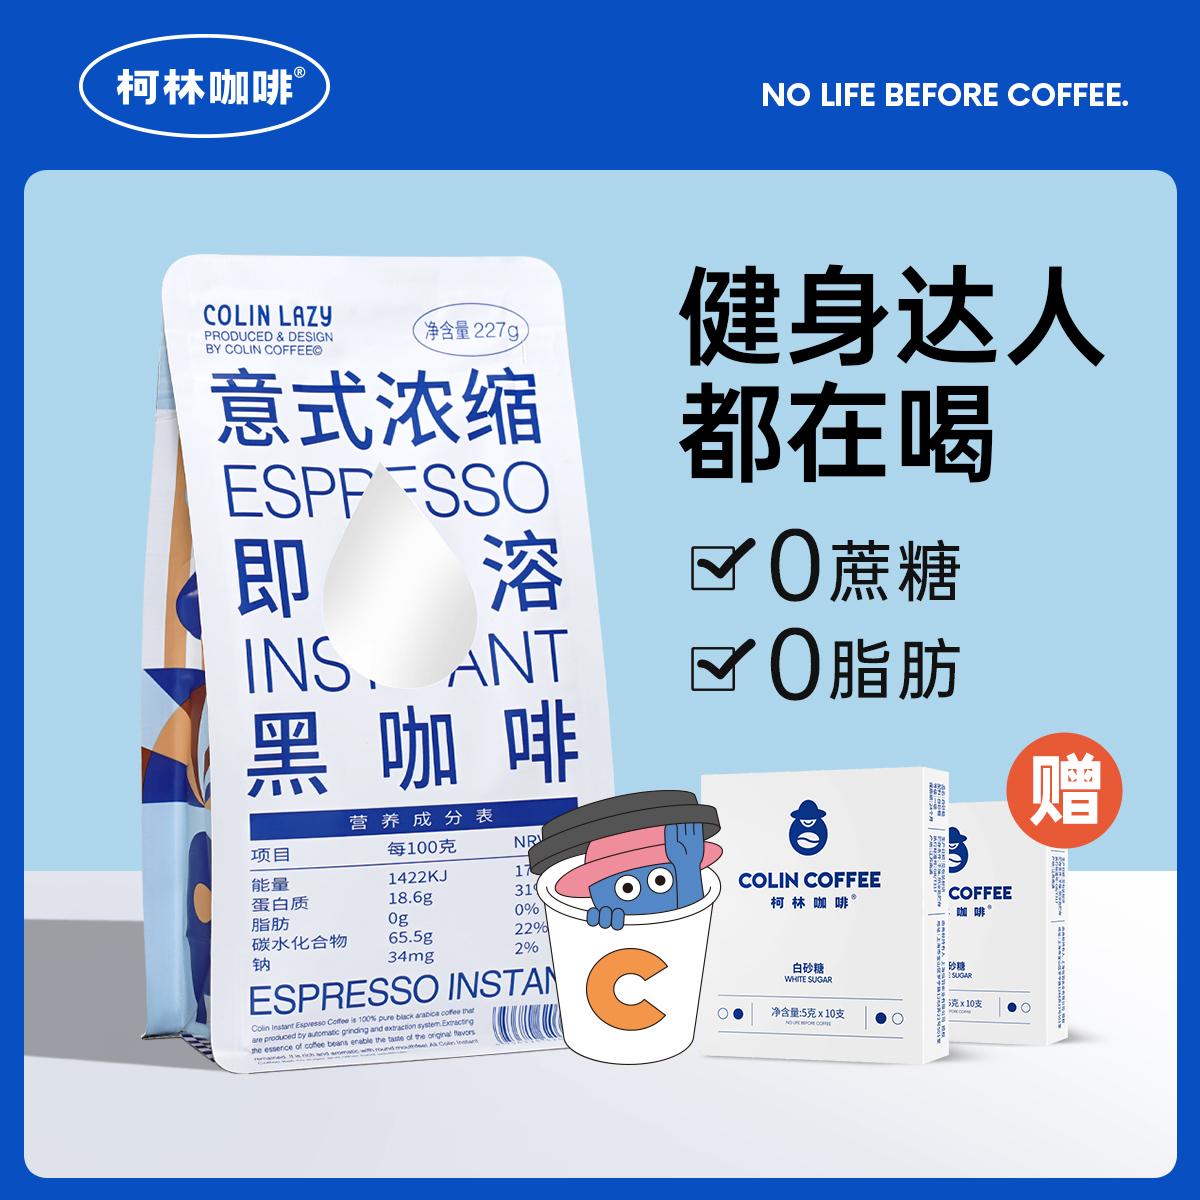 柯林丨速溶纯黑咖啡粉 意式浓缩低脂速溶黑咖啡冷热皆可共126杯